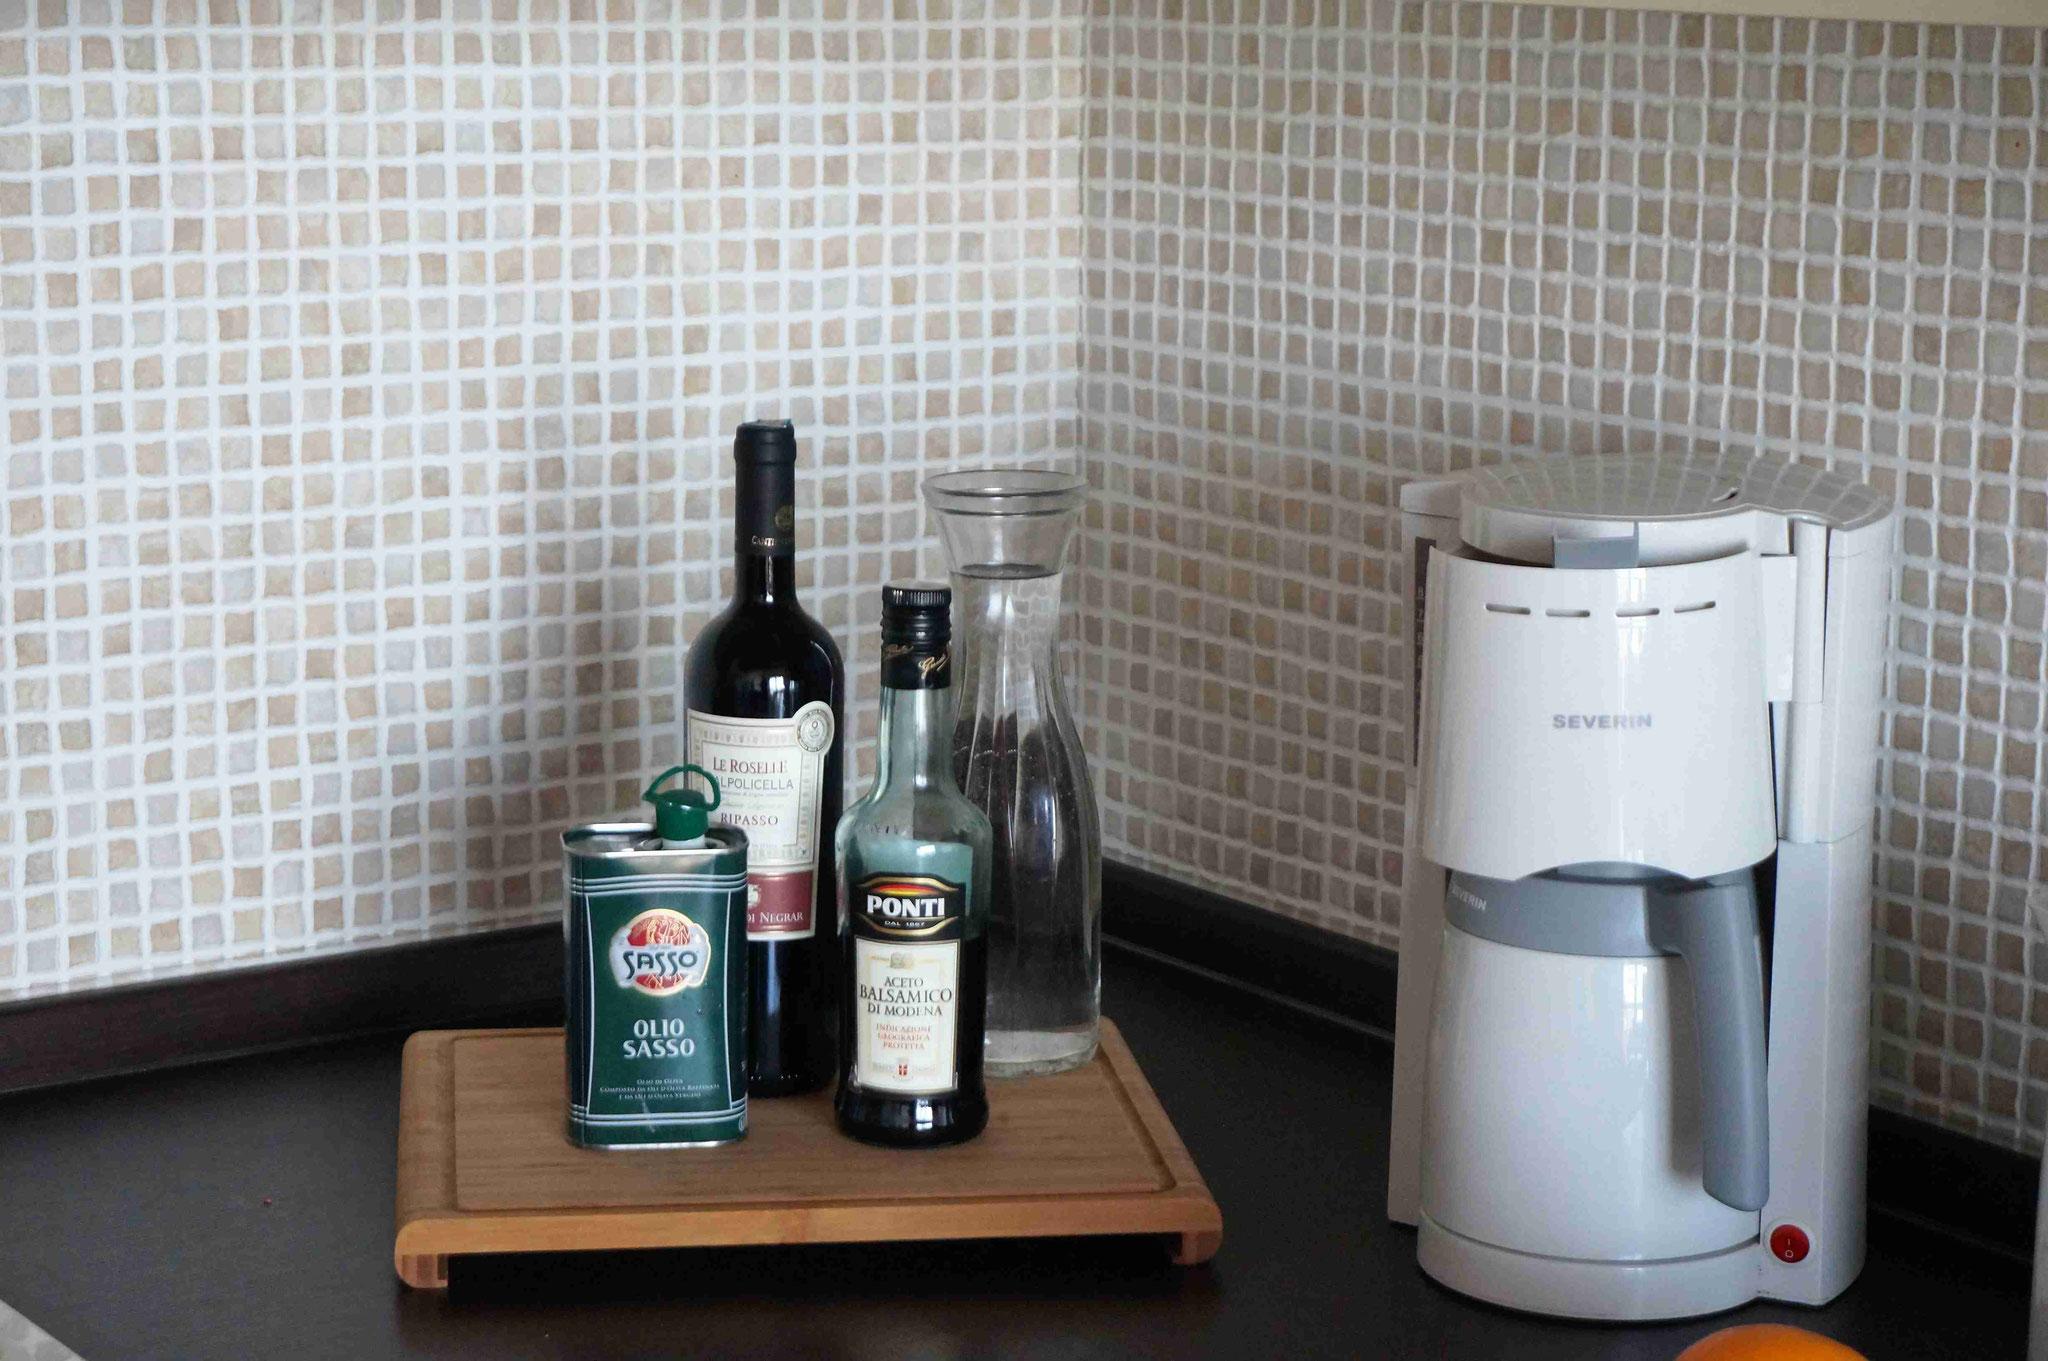 Appartement20 - Kaffee